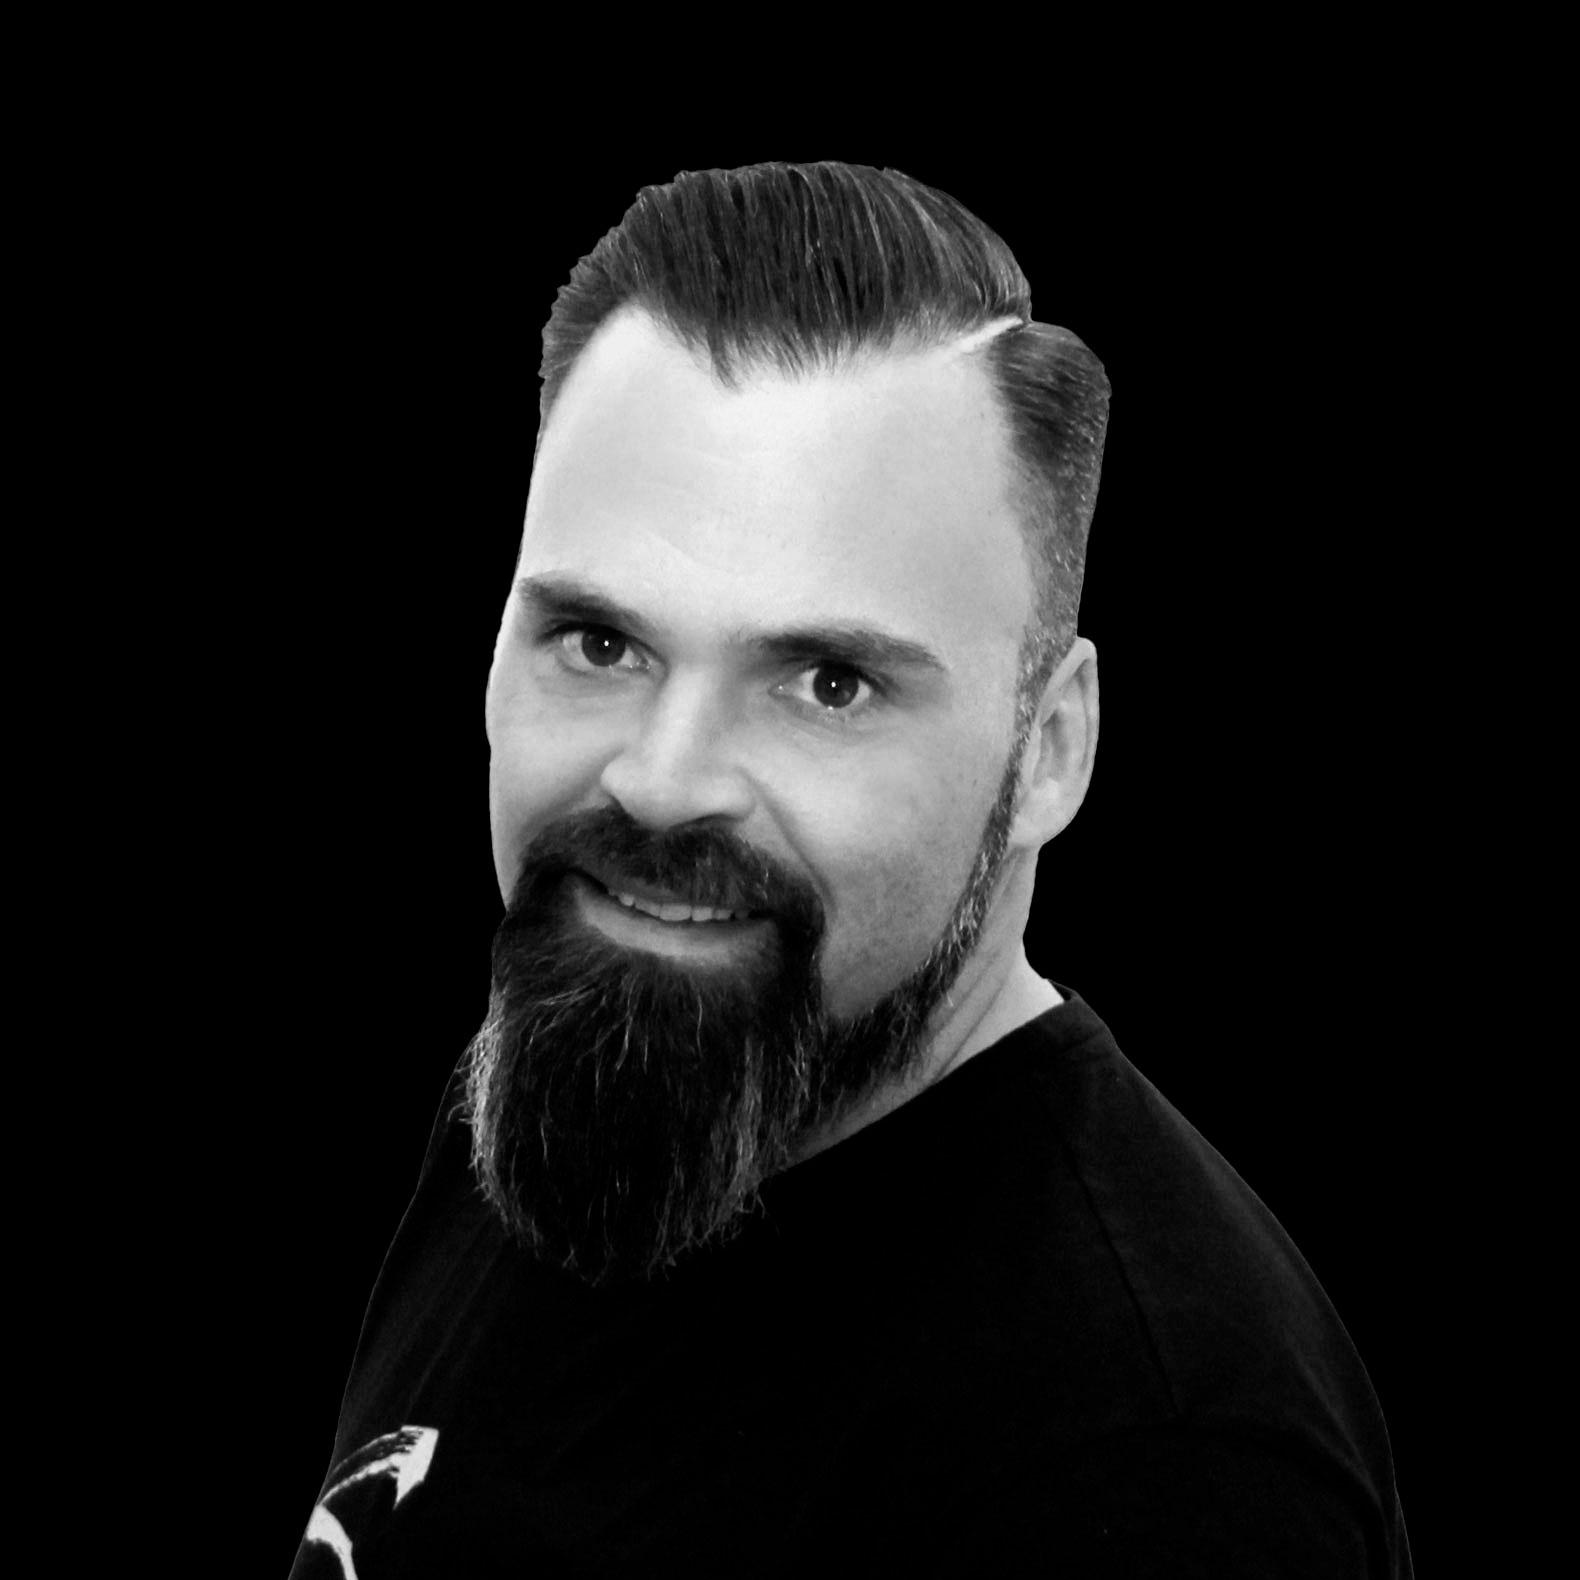 Matthias Lohbeck Inhaber myLyricvideo.com